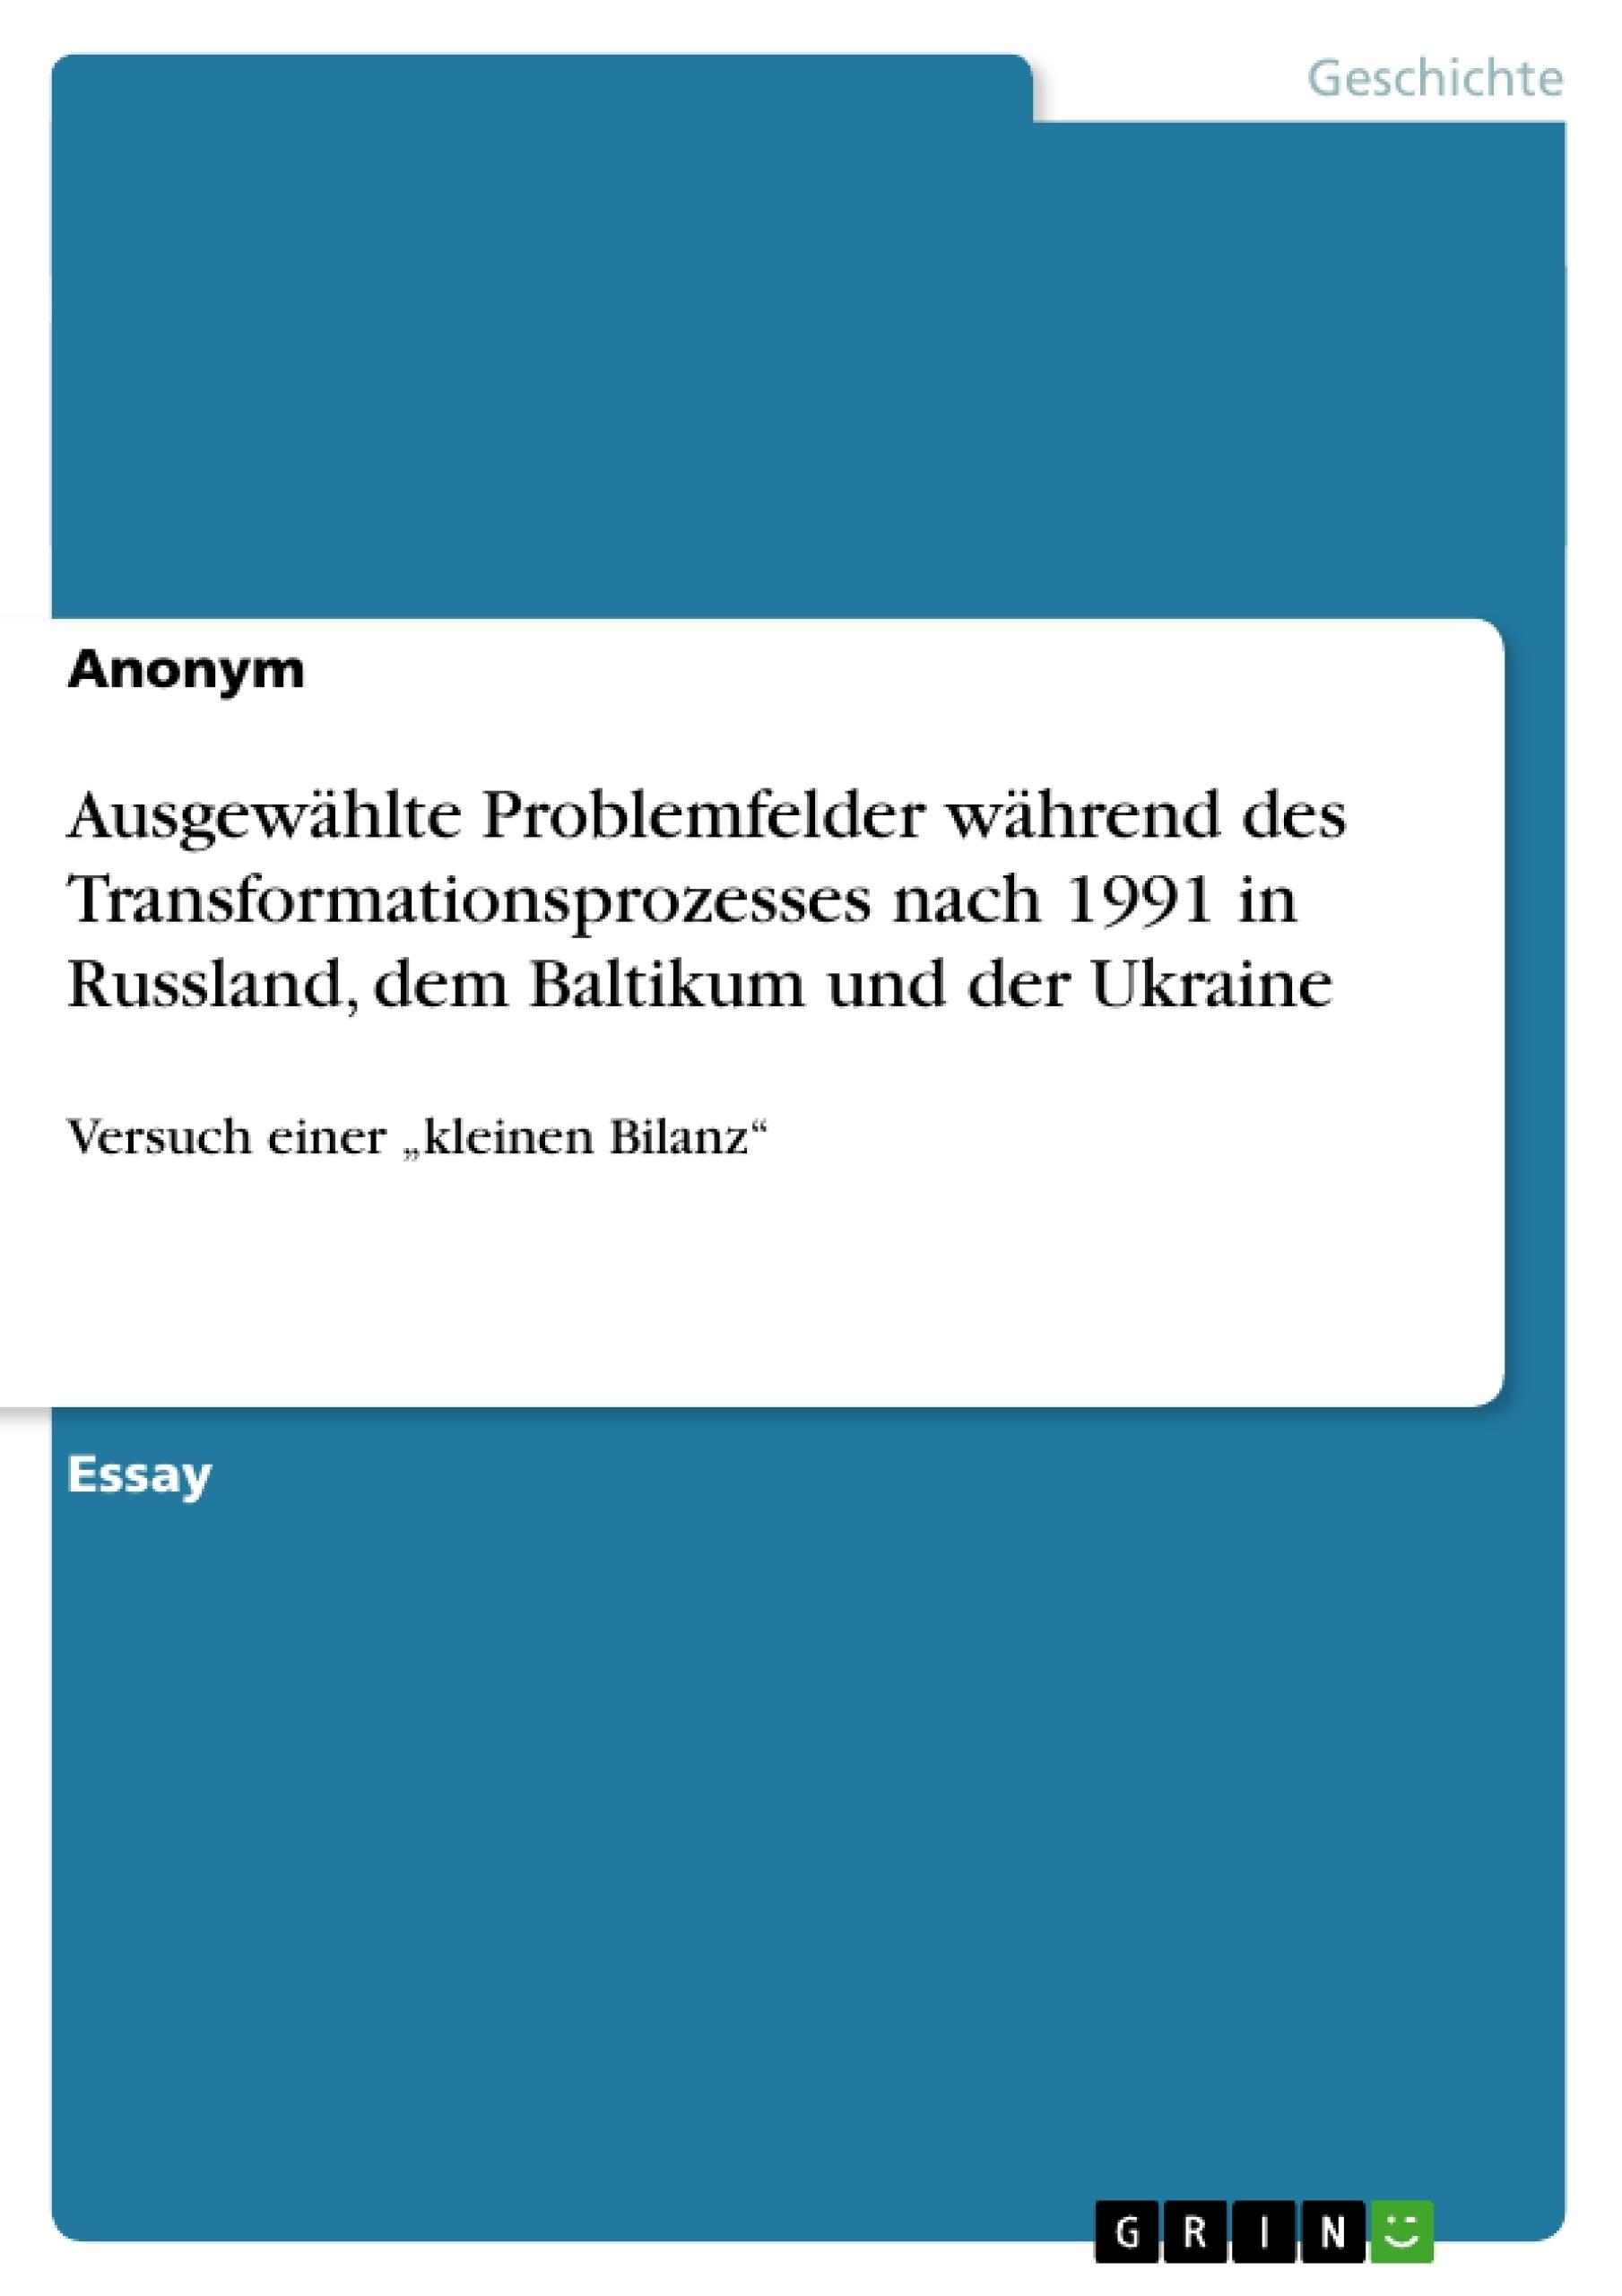 Titel: Ausgewählte Problemfelder während des Transformationsprozesses nach 1991 in Russland, dem Baltikum und der Ukraine